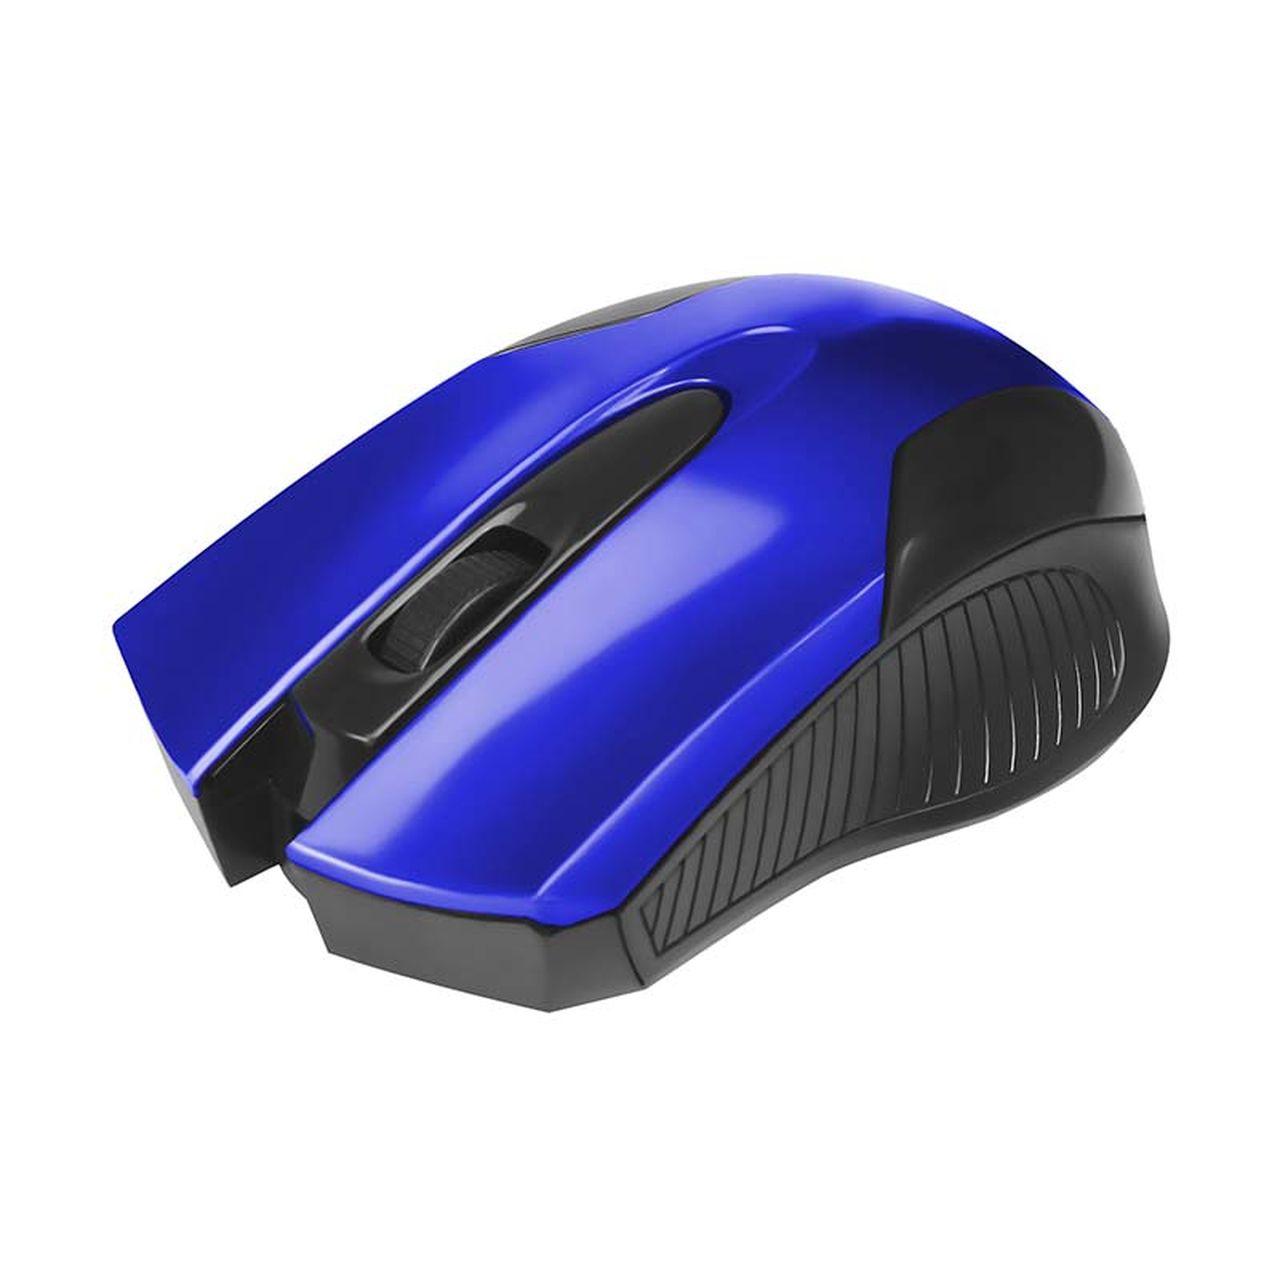 Mouse Óptico Usb 800 Dpi Preto com Azul Bright 379